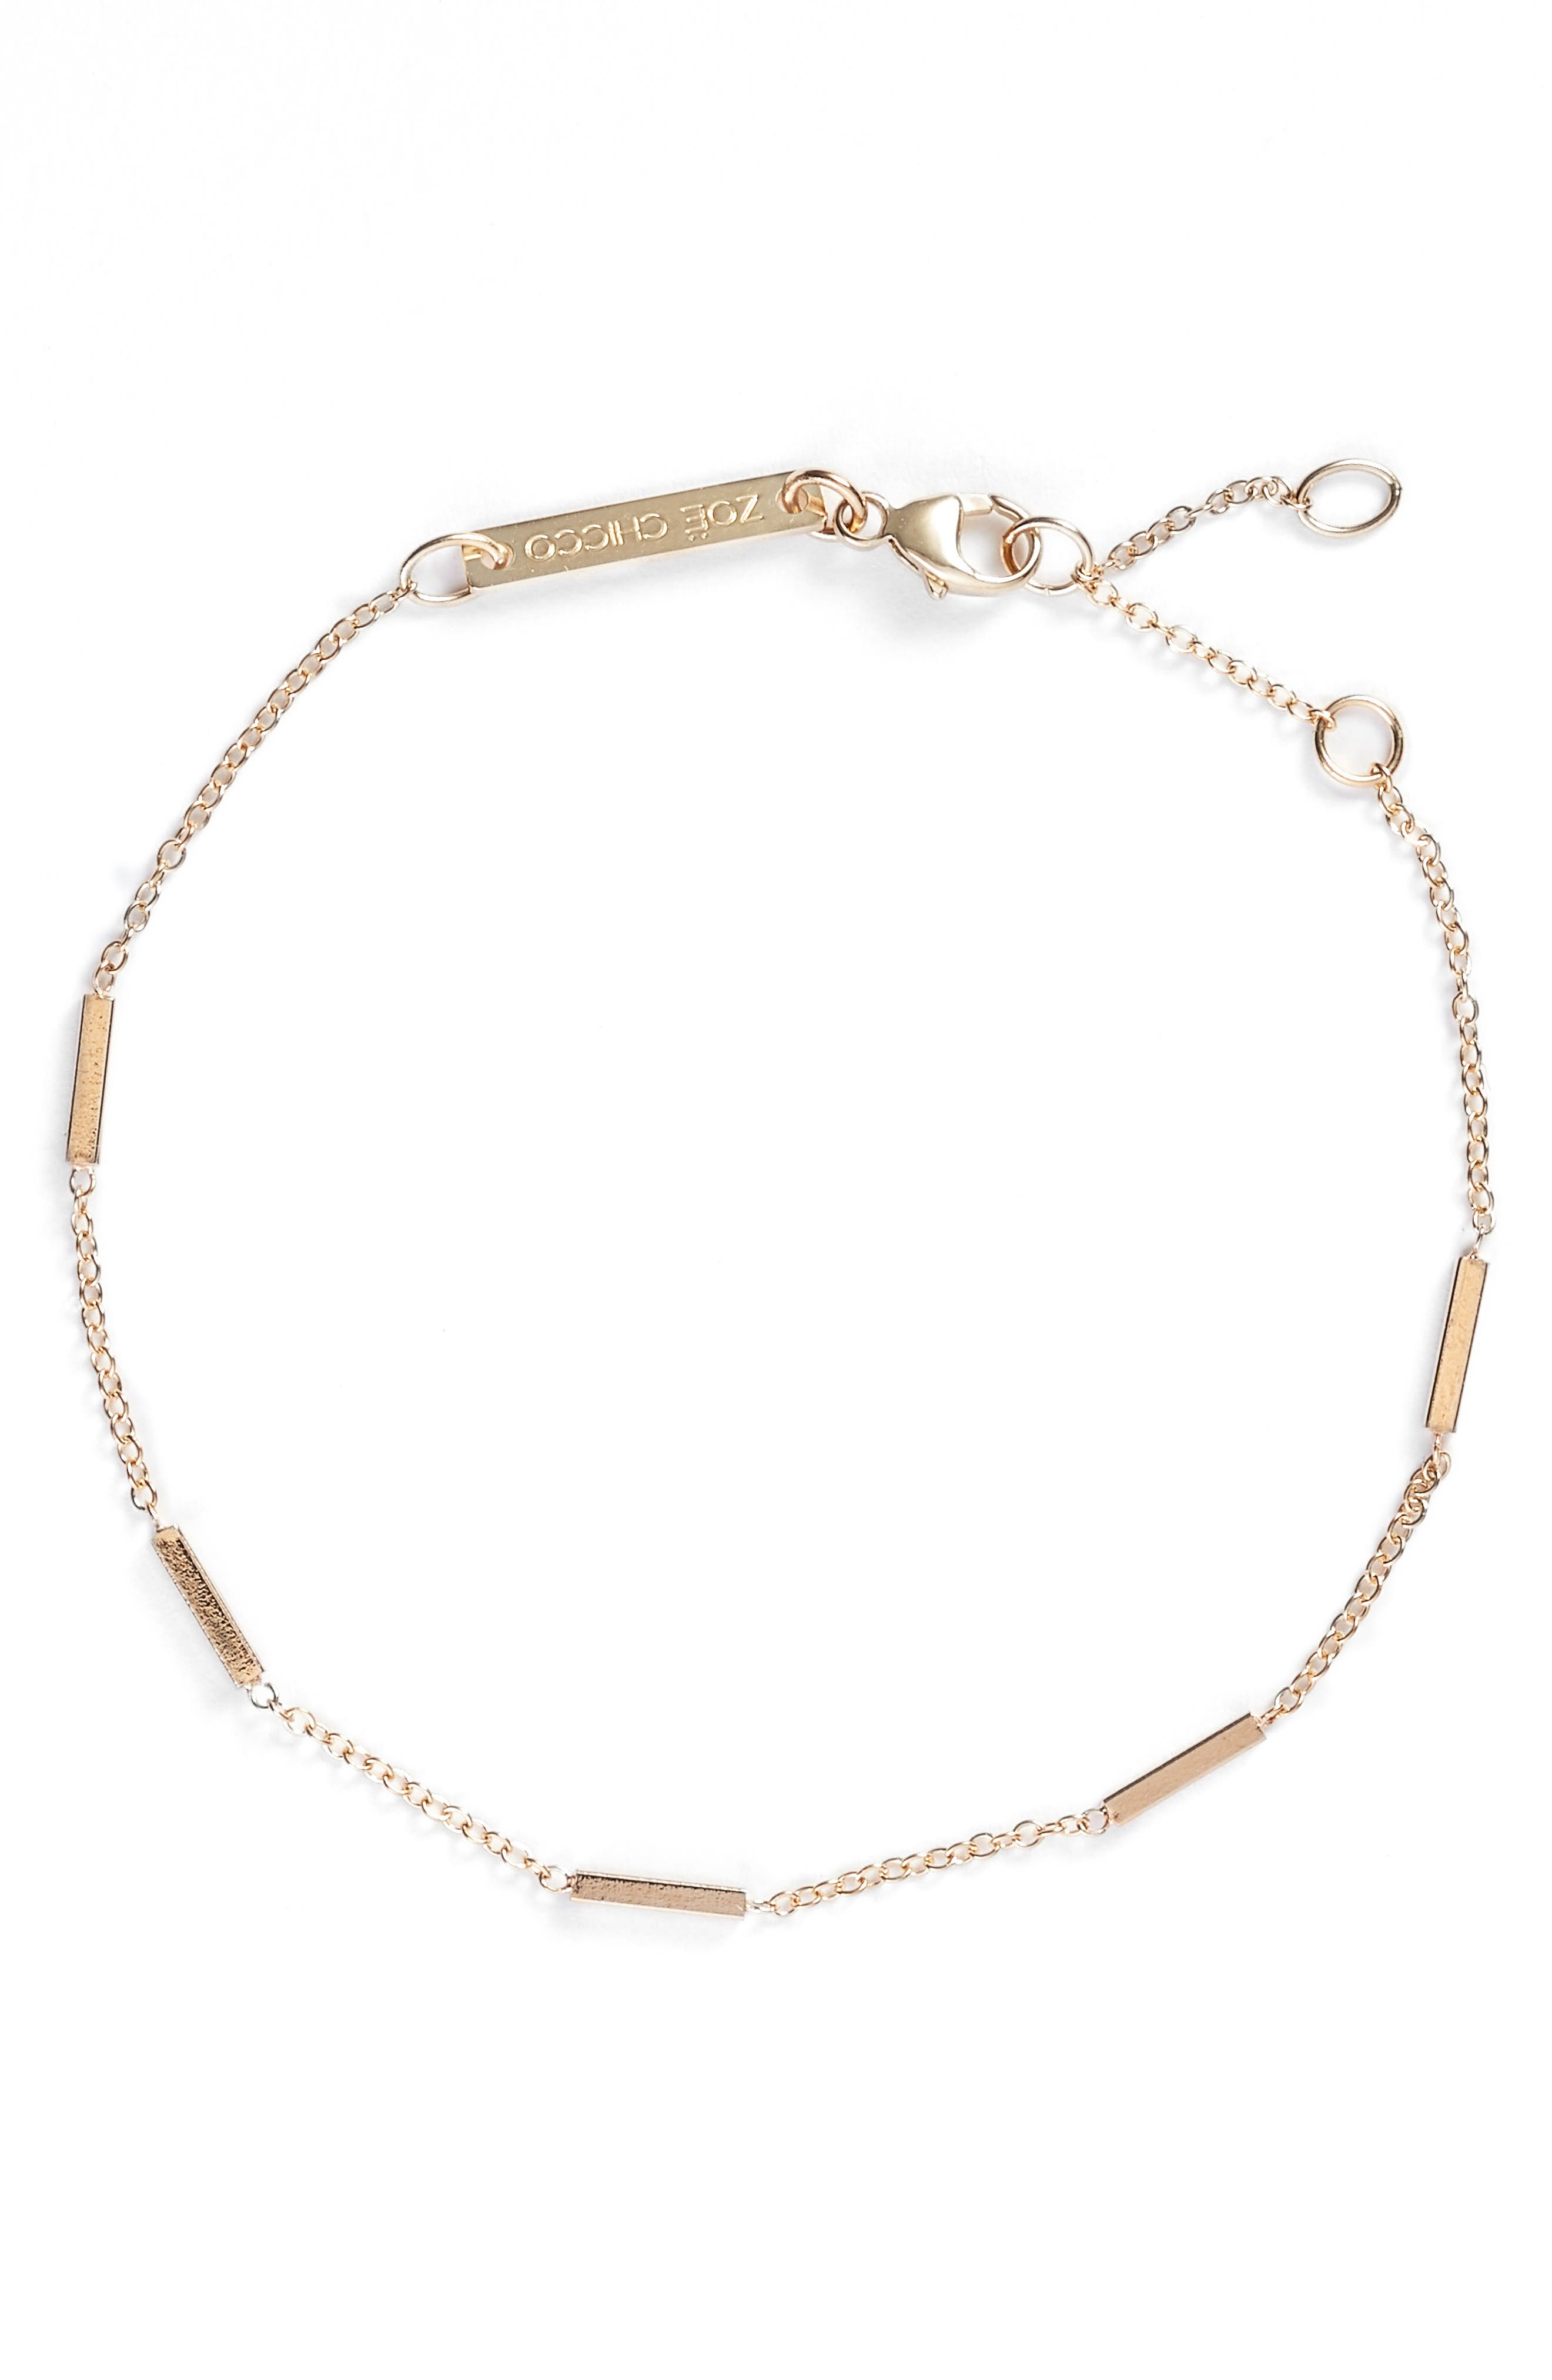 Zoë Chicco Tiny Bar Station 14K Gold Bracelet